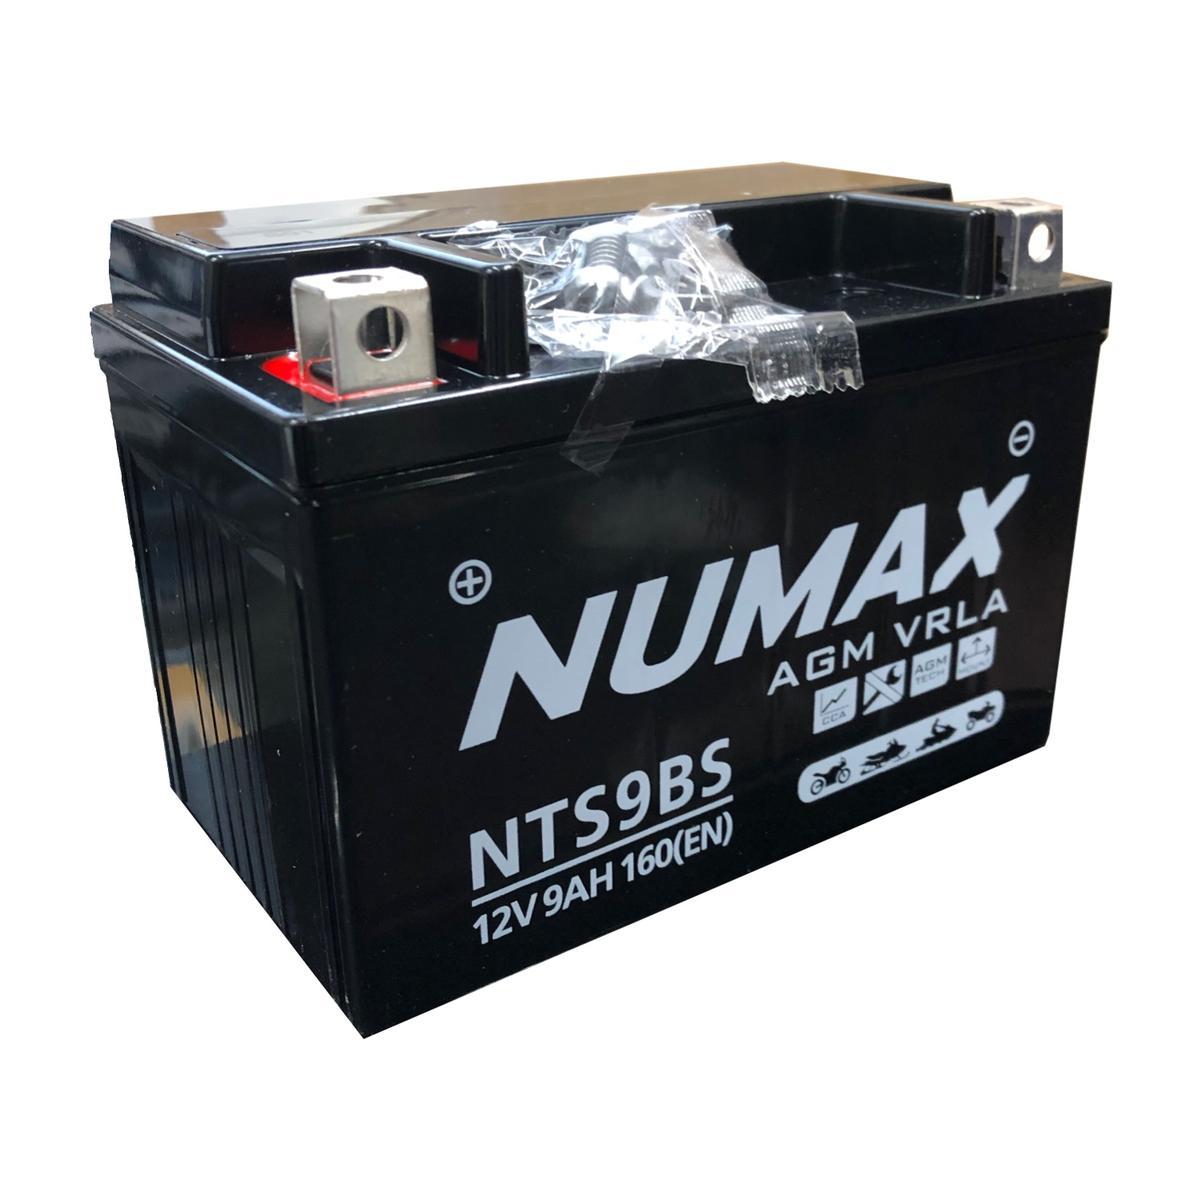 Numax NTS9BS 12v Motorbike Bike Battery KAWASAKI 400cc ZR400 D Xanthus YXT9-4